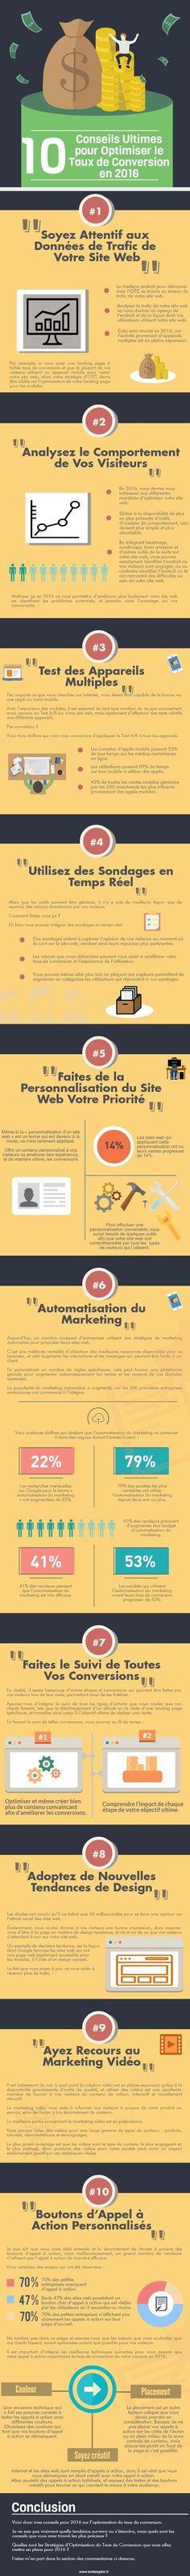 #infographie #webmarketing